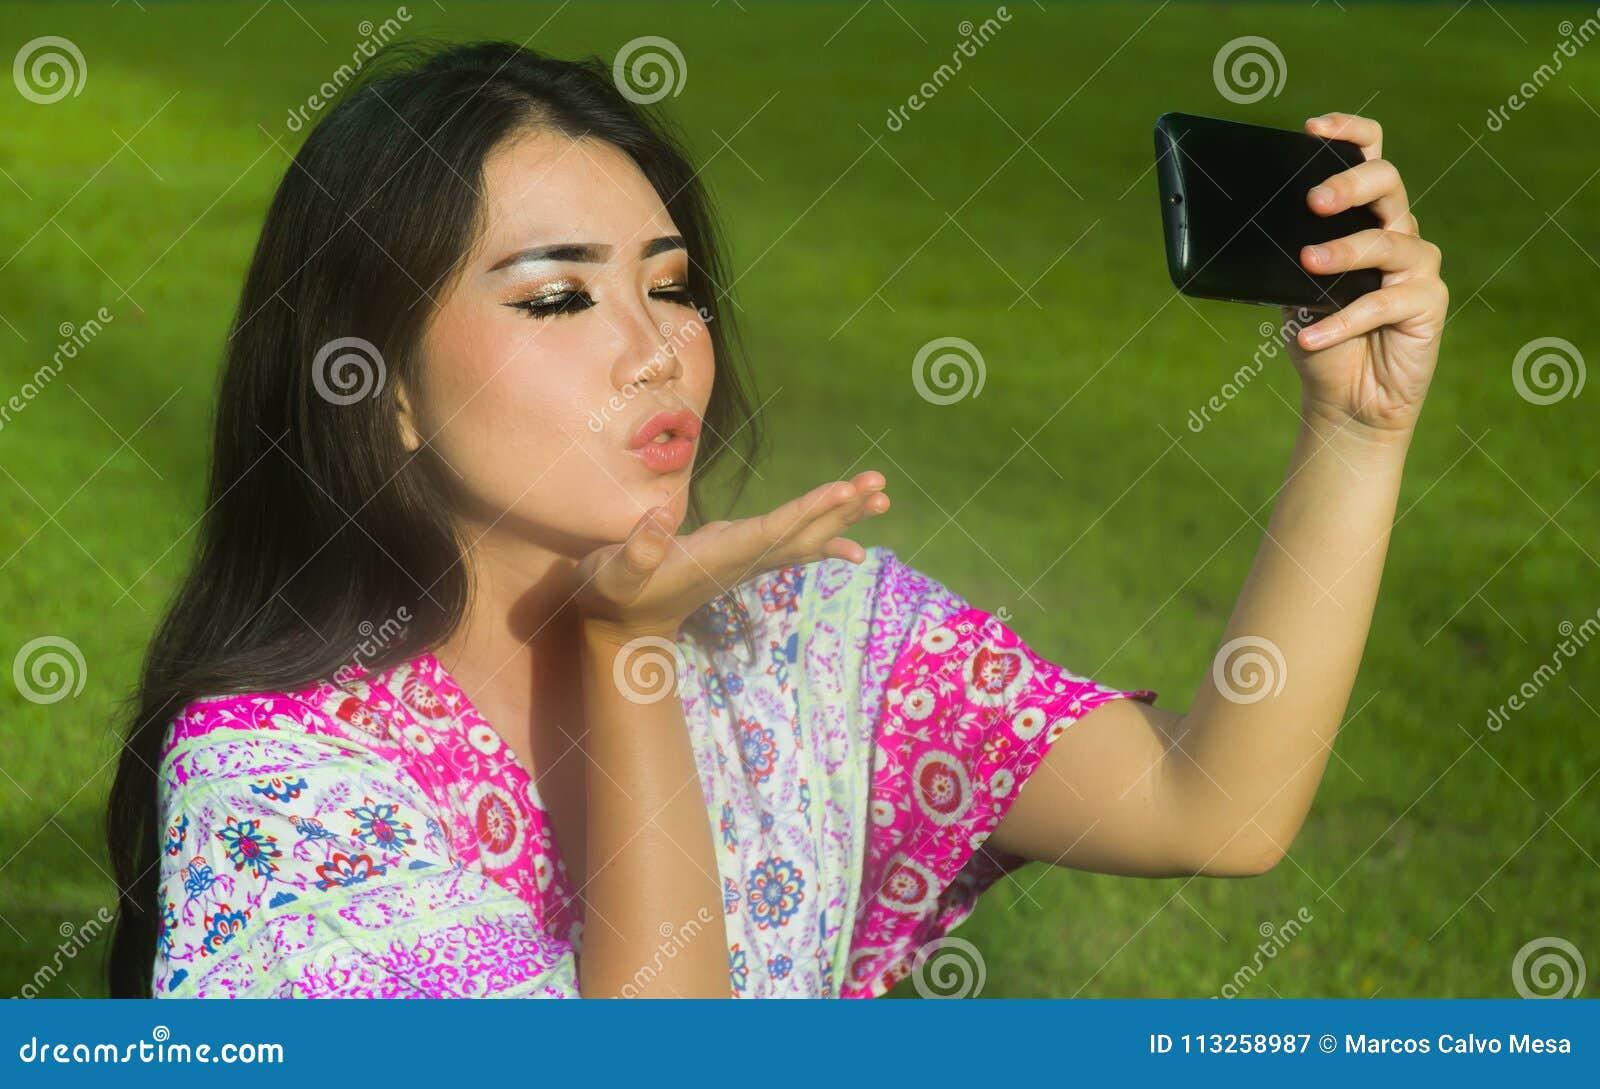 采取与手机照相机的年轻愉快和美丽的亚裔中国妇女selfie pic投掷摆在户外在绿色的亲吻